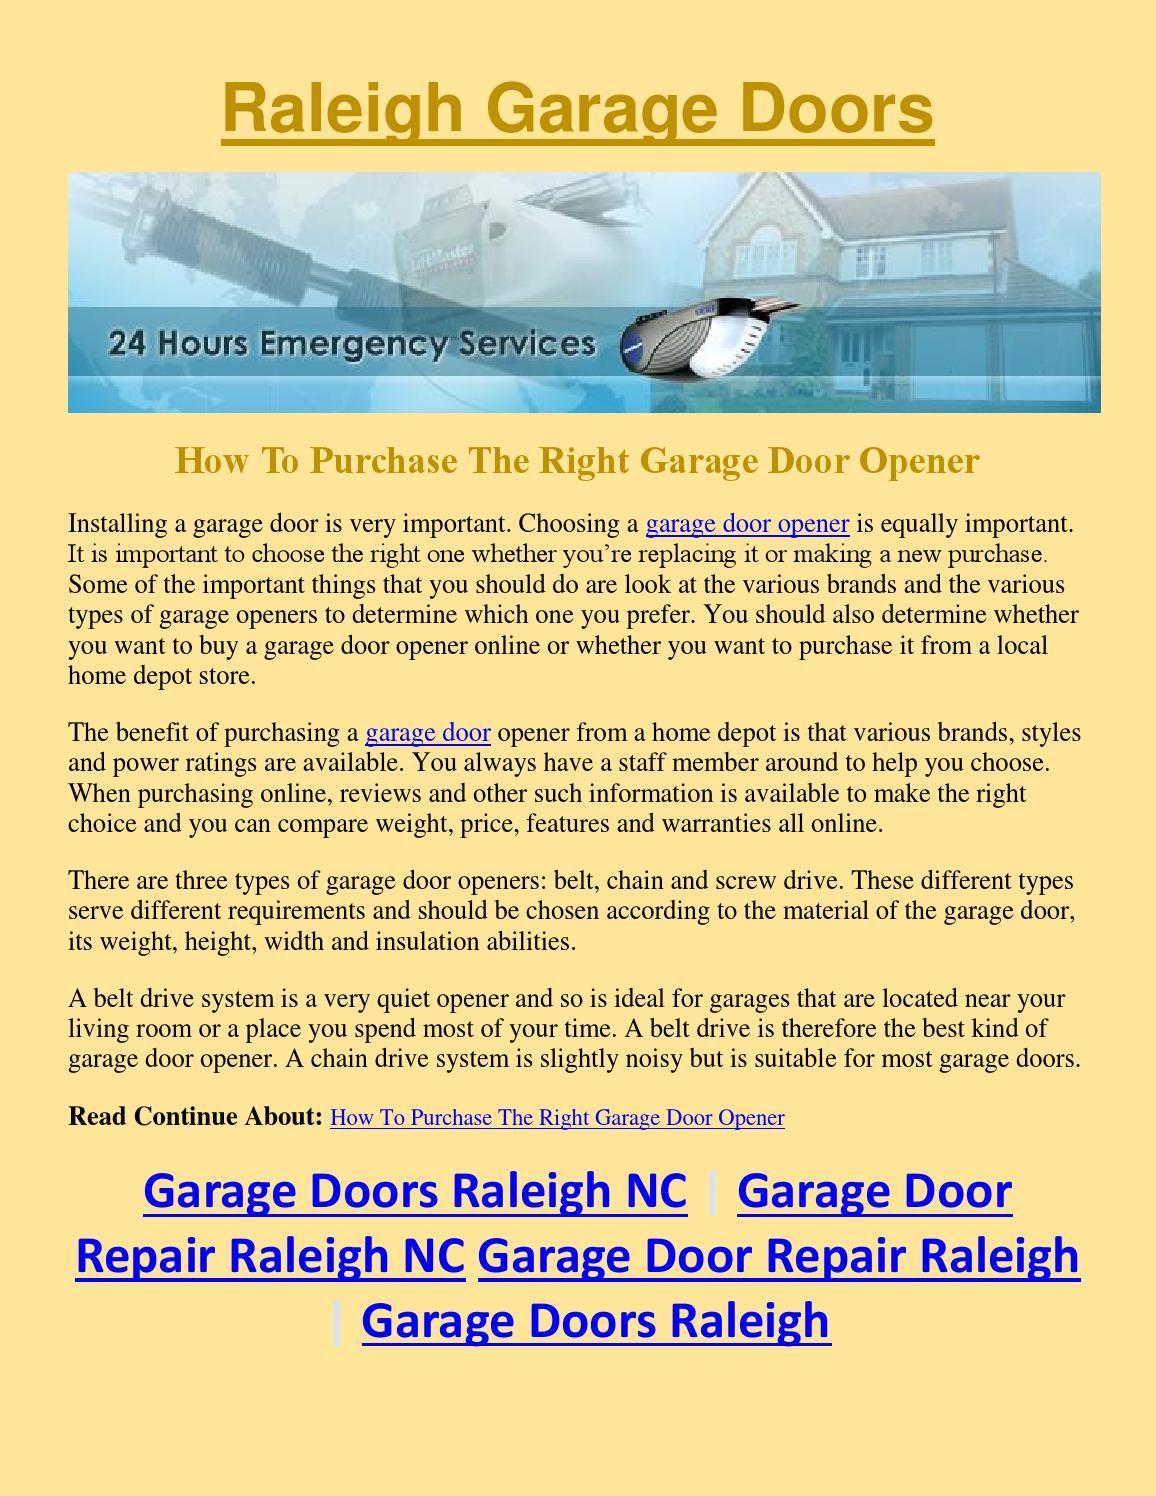 Garage Door Repair Raleigh Nc: How To Purchase The Right Garage Door Opener  Installing A Garage Door Is Very Important. Choosing A Garage Door Opener  Is ...